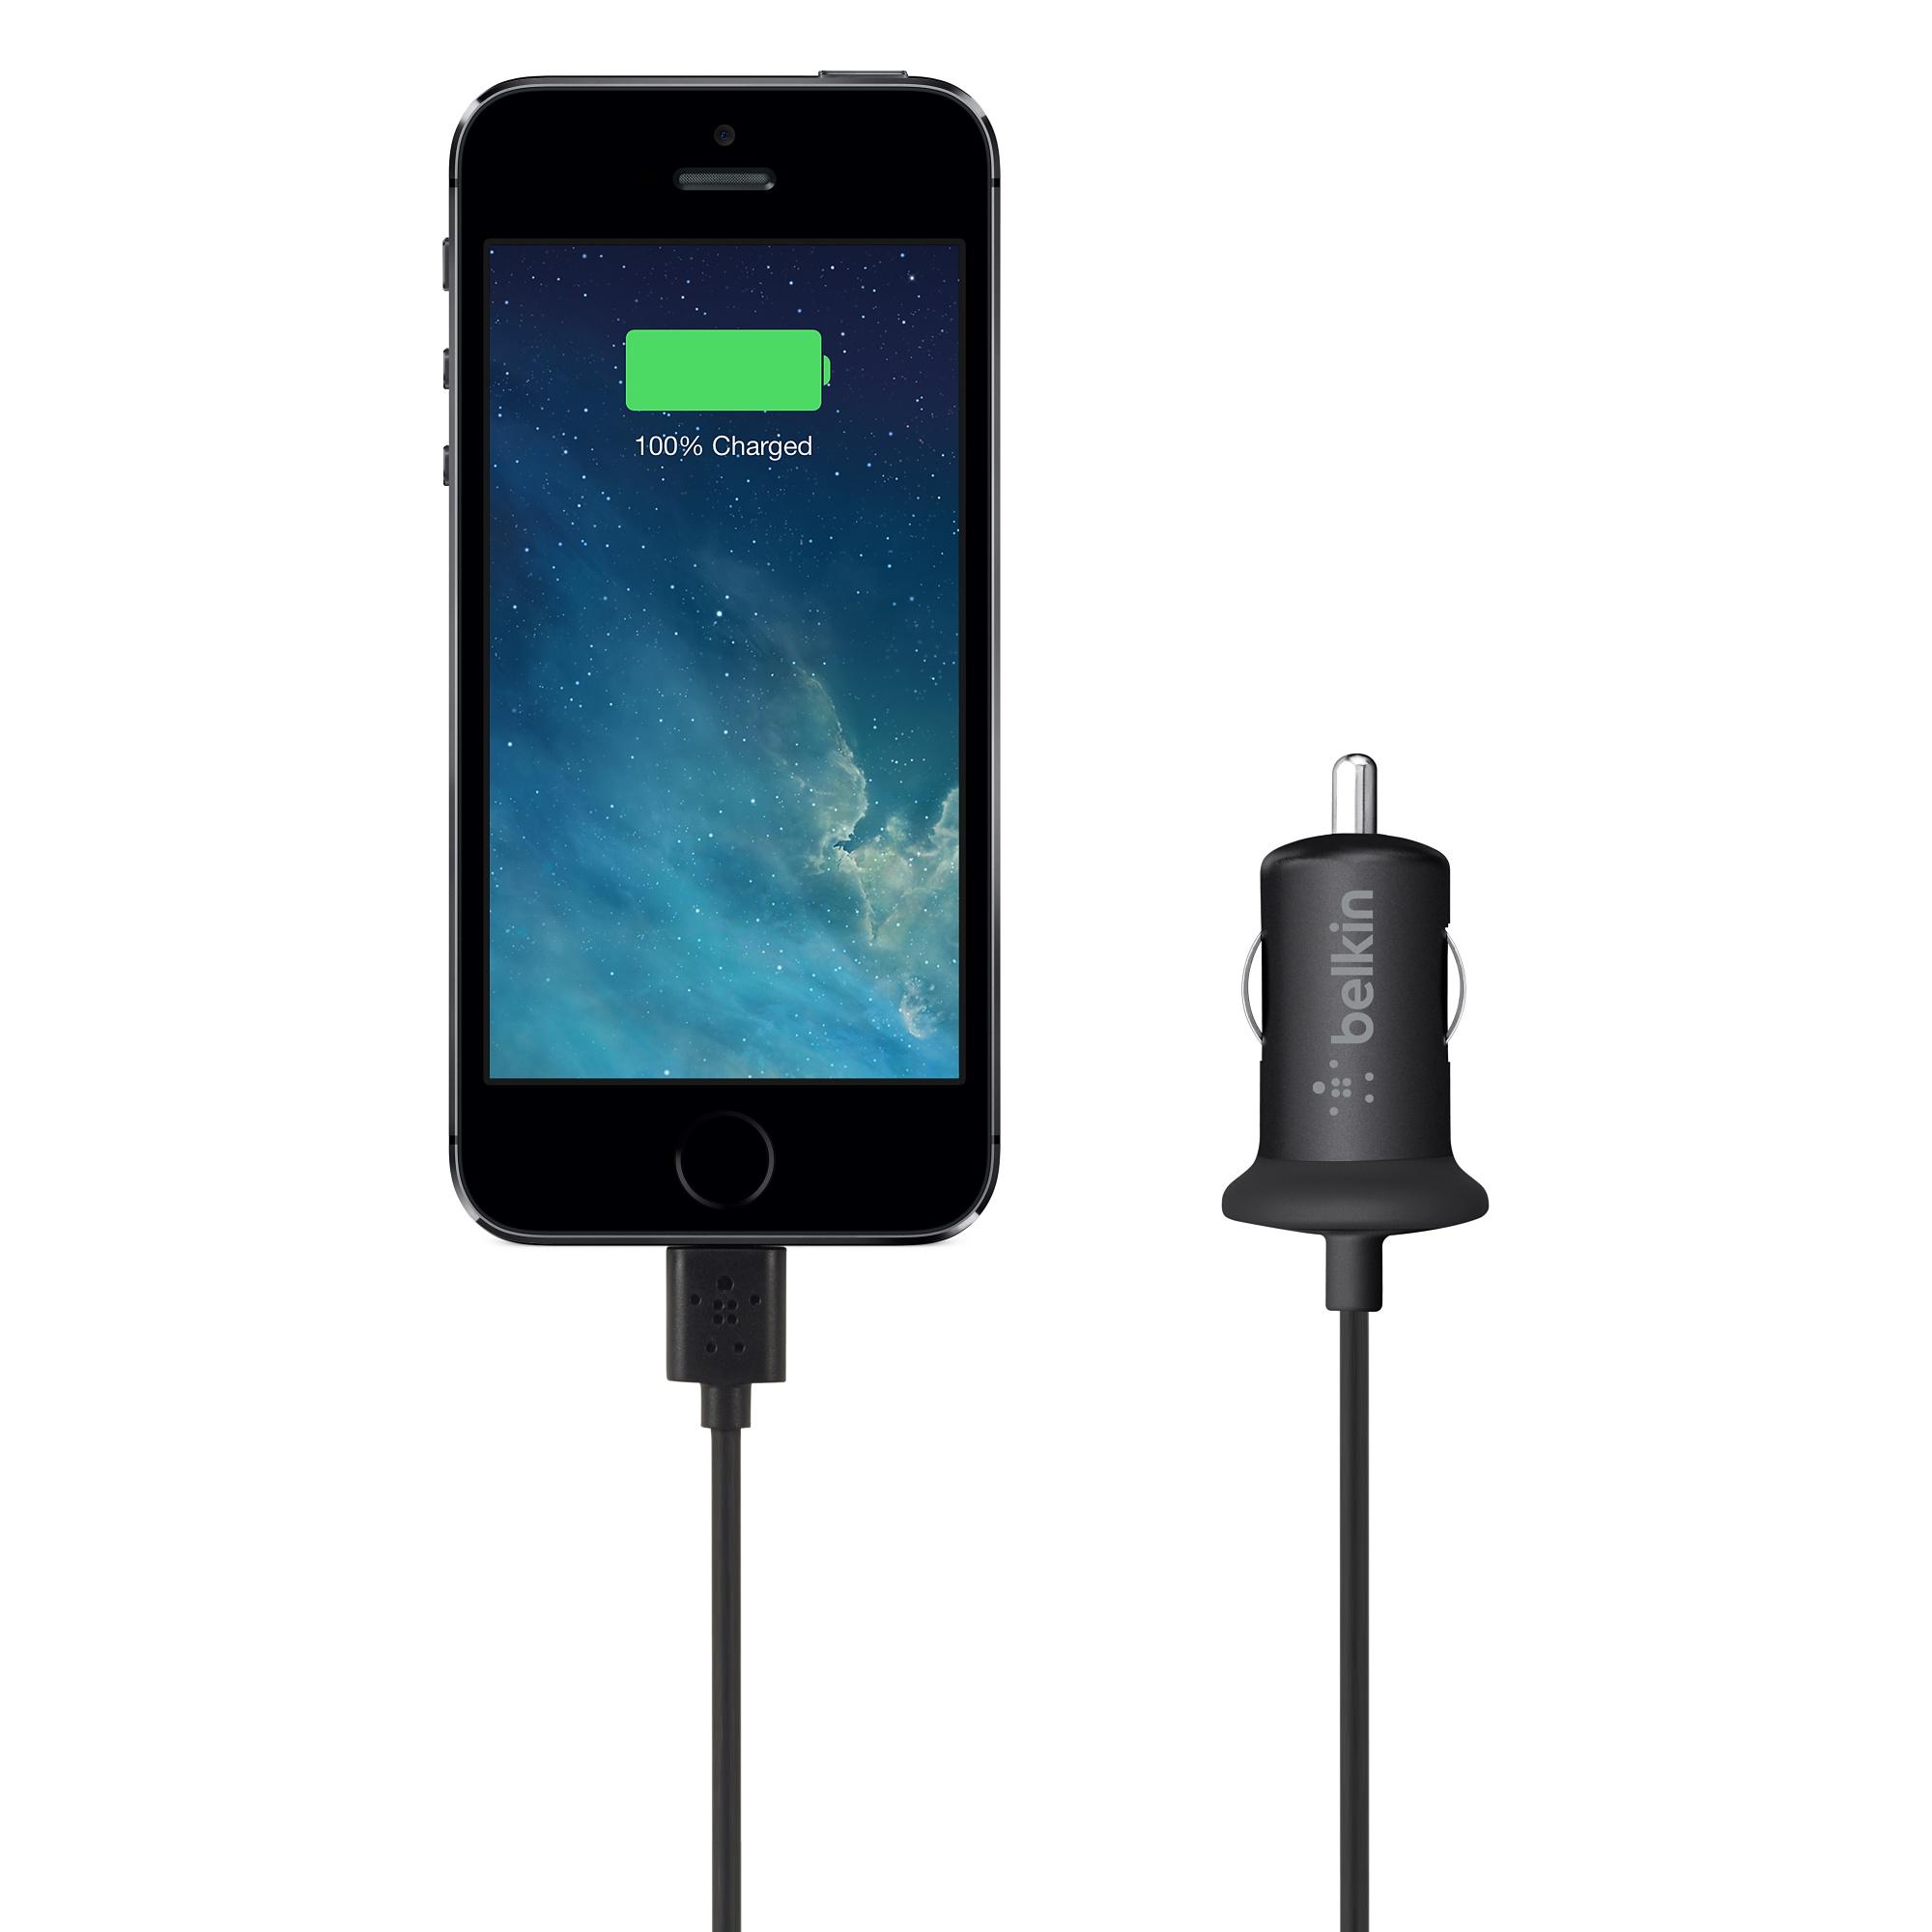 Caricare cellulare in auto rovina batteria dispositivo arresto motori lombardini - Diserbante fatto in casa candeggina ...